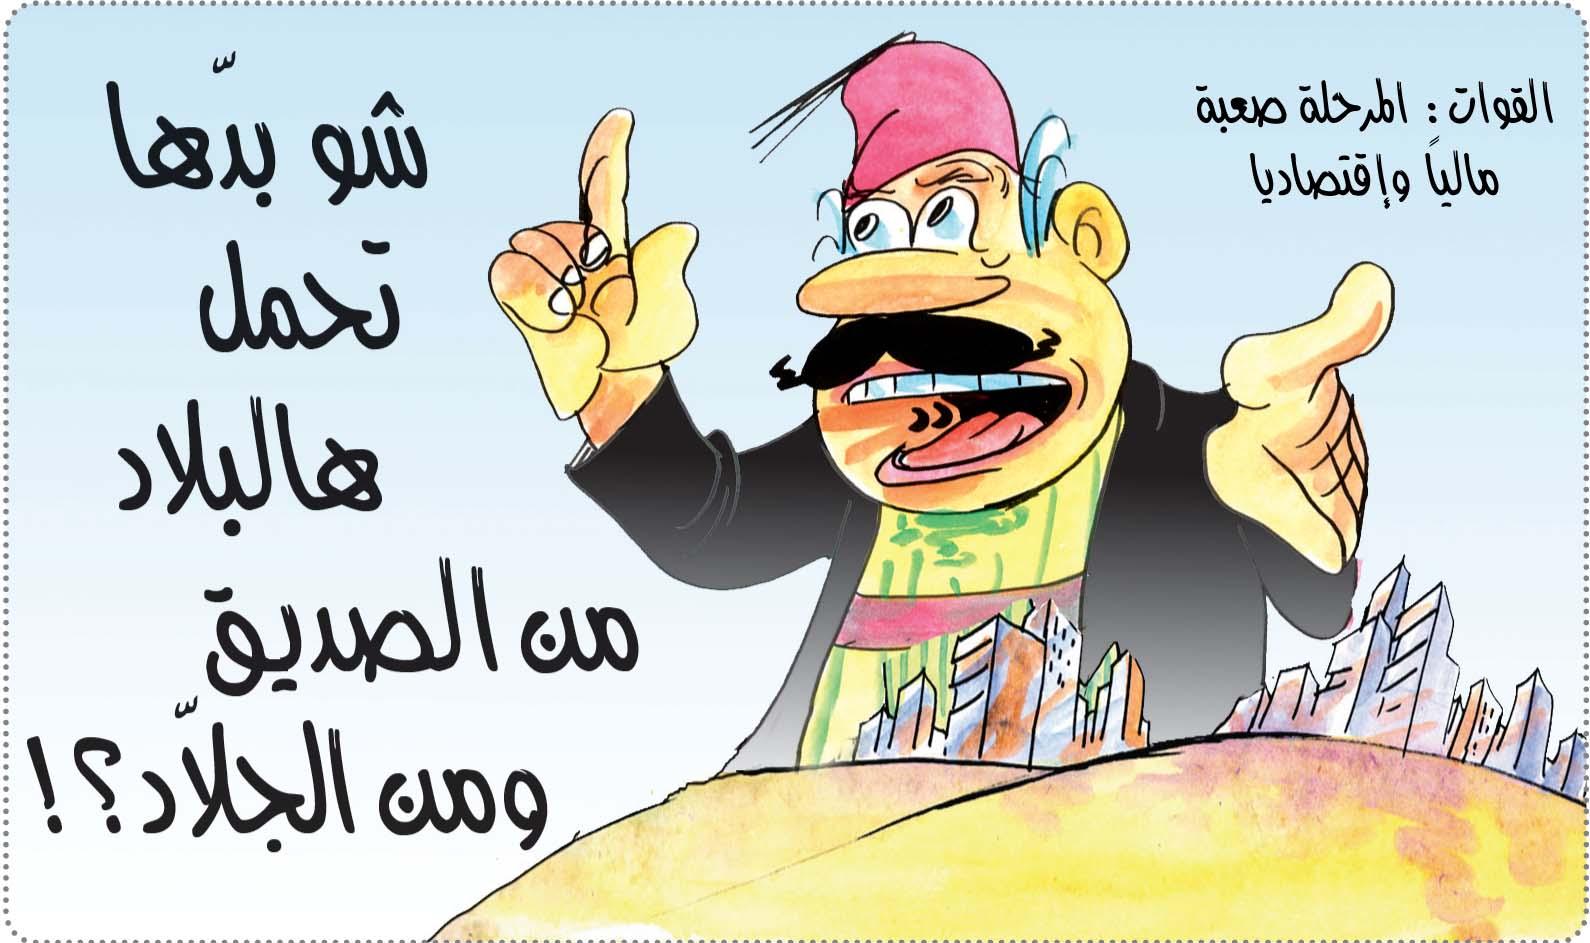 liwaa_1553585050_toshfesh_cartoon.jpg